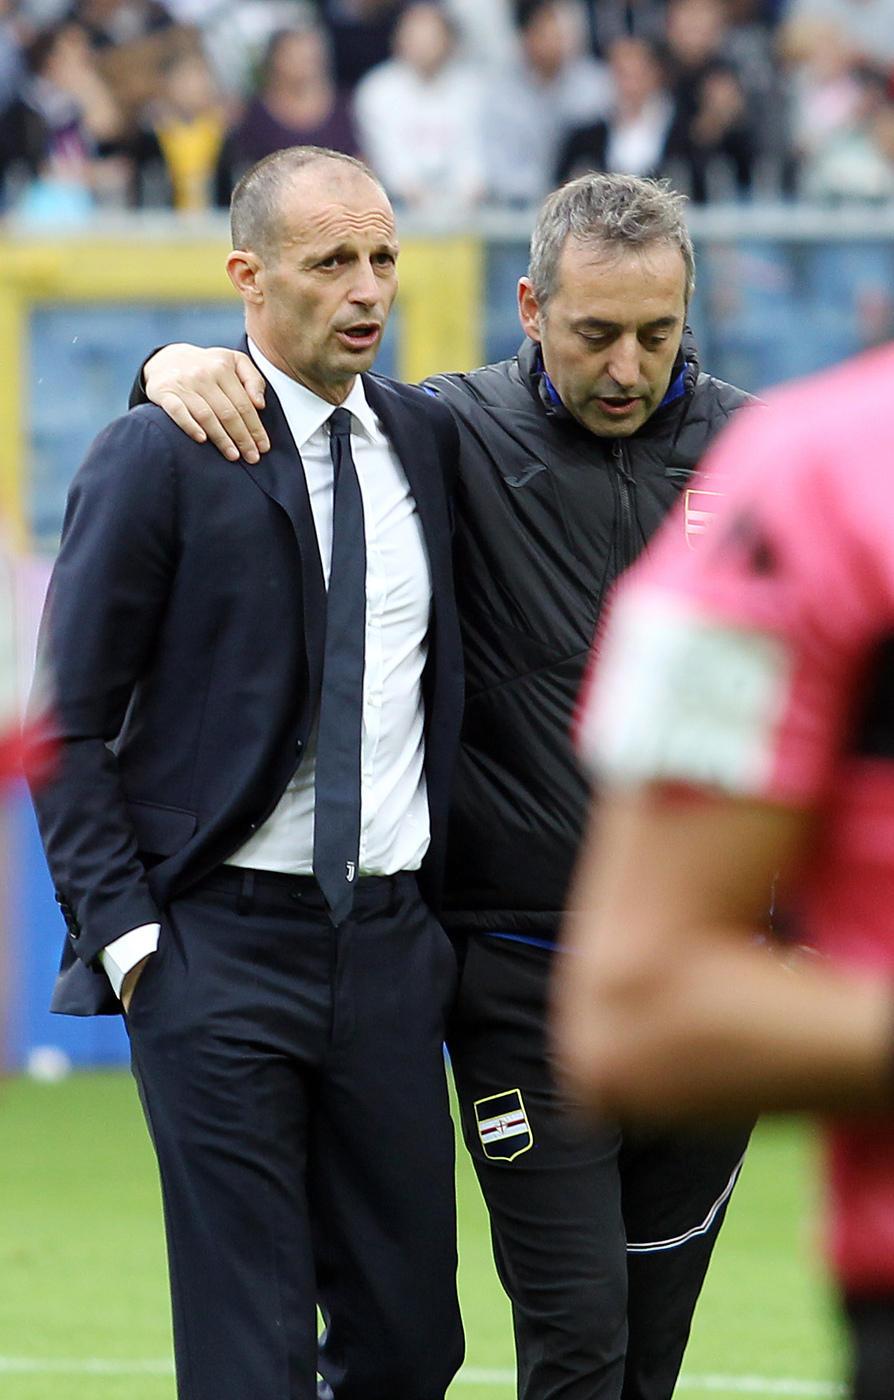 Allegri e Giampaolo si salutano: per il primo si chiude un ciclo di successi alla Juventus, il futuro del secondo non è ancora chiaro